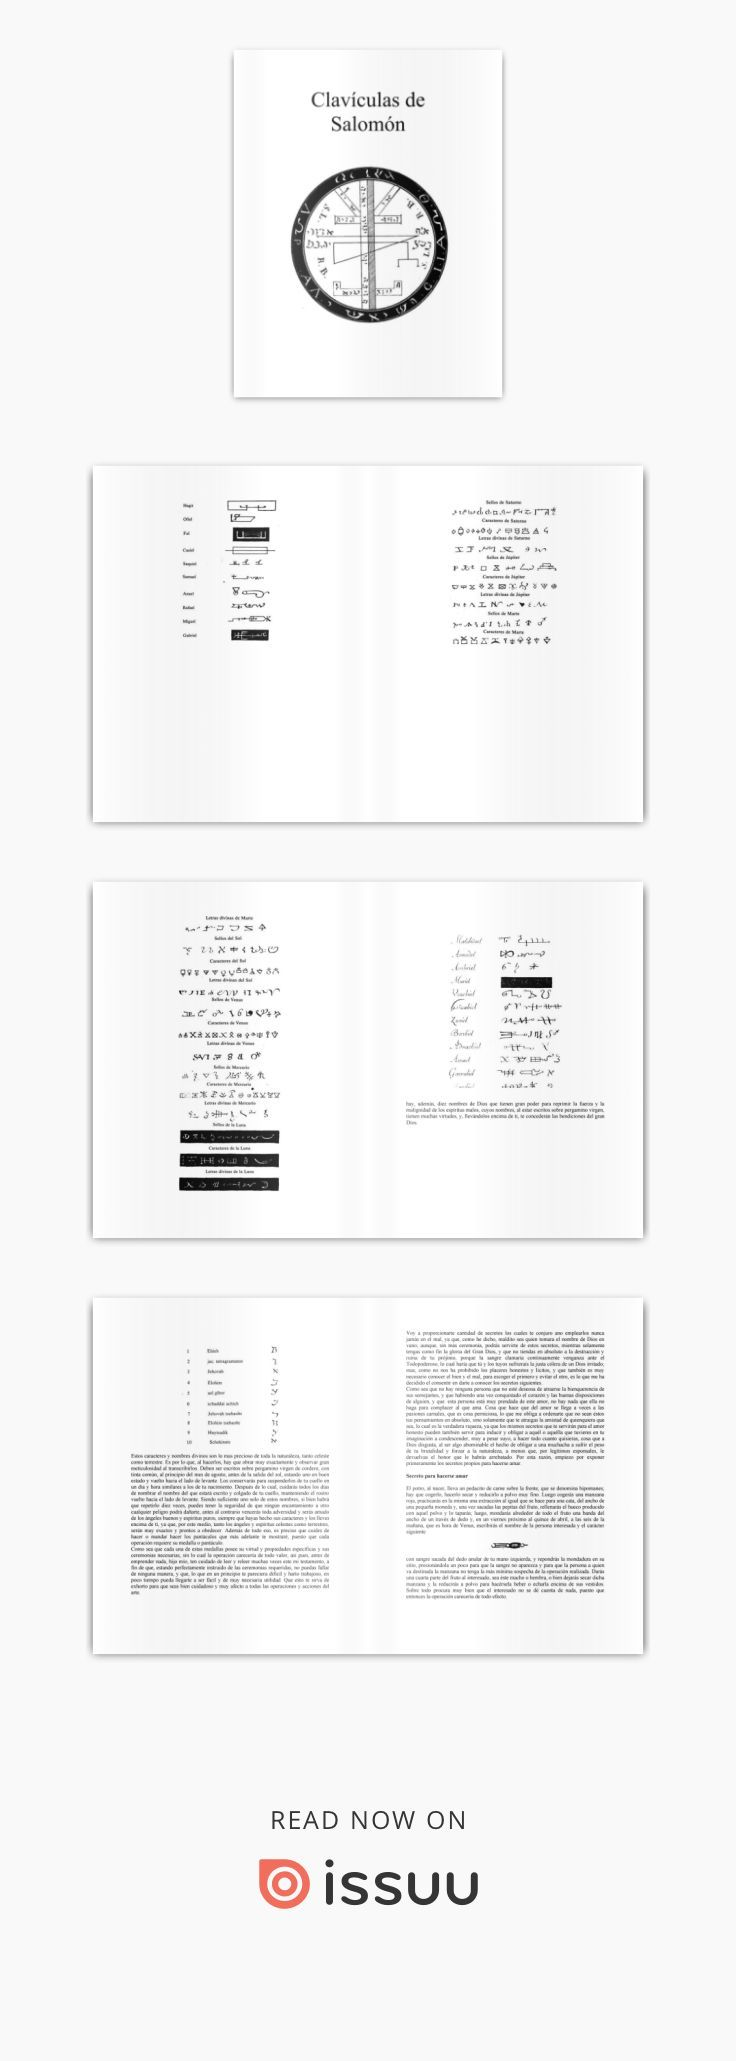 Lemegeton Clavicula Salomonis O Lemegeton Clavicula Salomonis (em espanhol, Lesser Chave de Salomão), também conhecido como Lemegeton, é um grimoire anónimo do século XVII, e um dos livros mais populares de demonologia cristã. Embora as primeiras referências conhecidas para o livro são do século XVII, muitos dos seus textos que datam do século XVI (como o daemonum Pseudomonarchia de Johann Weyer) e final da Idade Média (parte do material da primeira seção, sobre a invocação de demônios é…